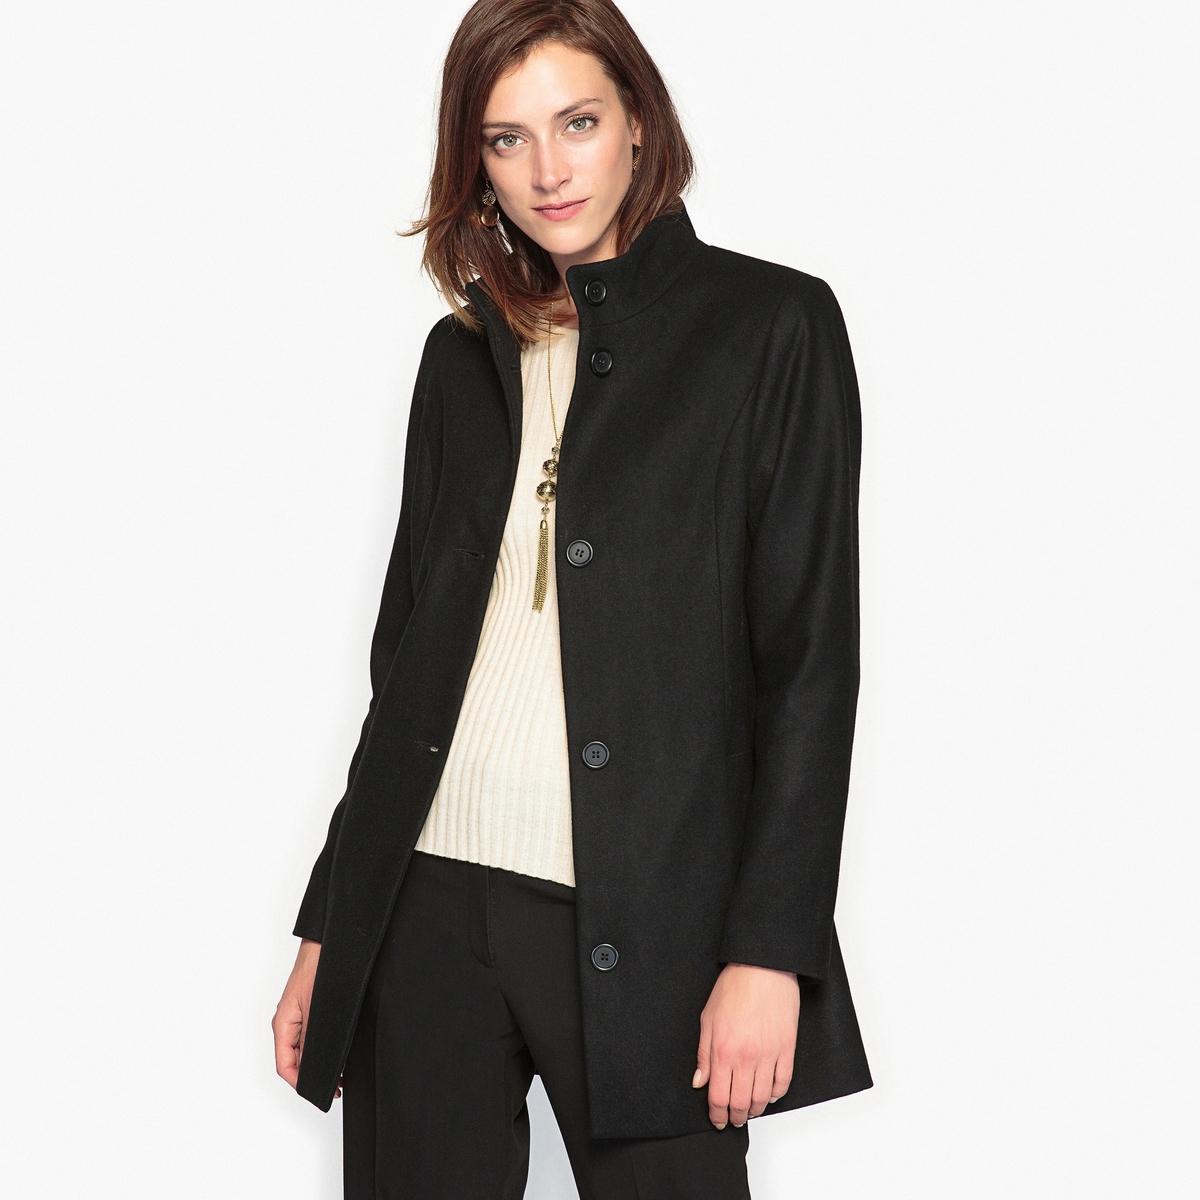 Пальто короткое с воротником-стойкой, 57% шерсти пальто из шерстяного драпа 70